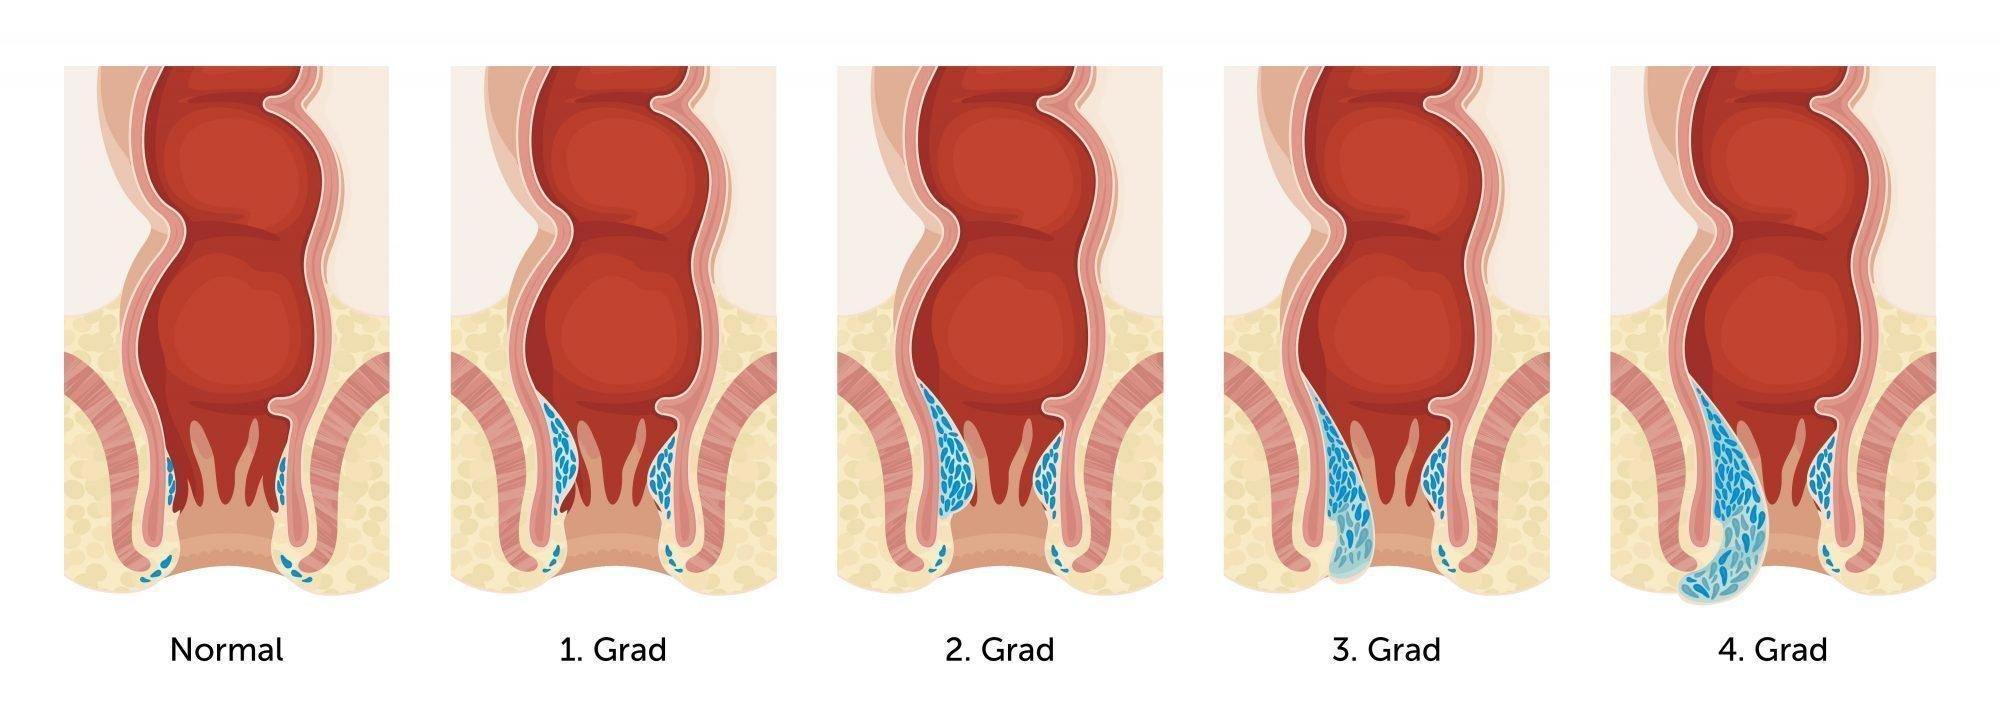 Illustration unterschiedliche Grade von Hämorrhoiden